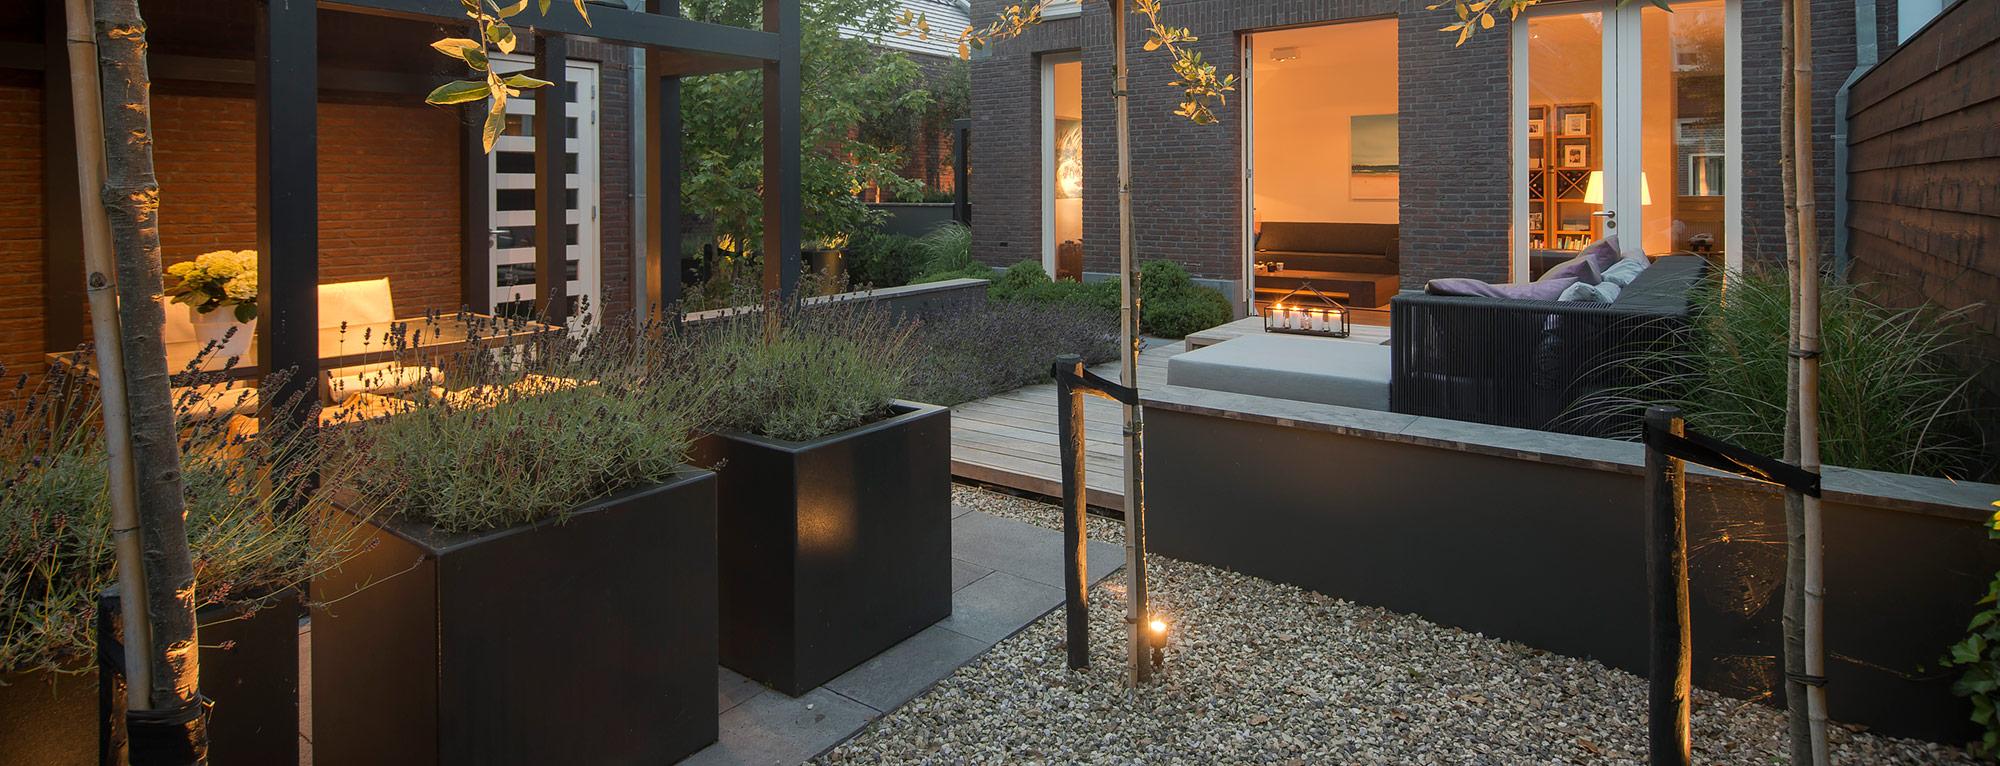 Welkom bij BUYTENGEWOON tuinen!   moderne stadstuinen   stijlvolle villatuinen   modern